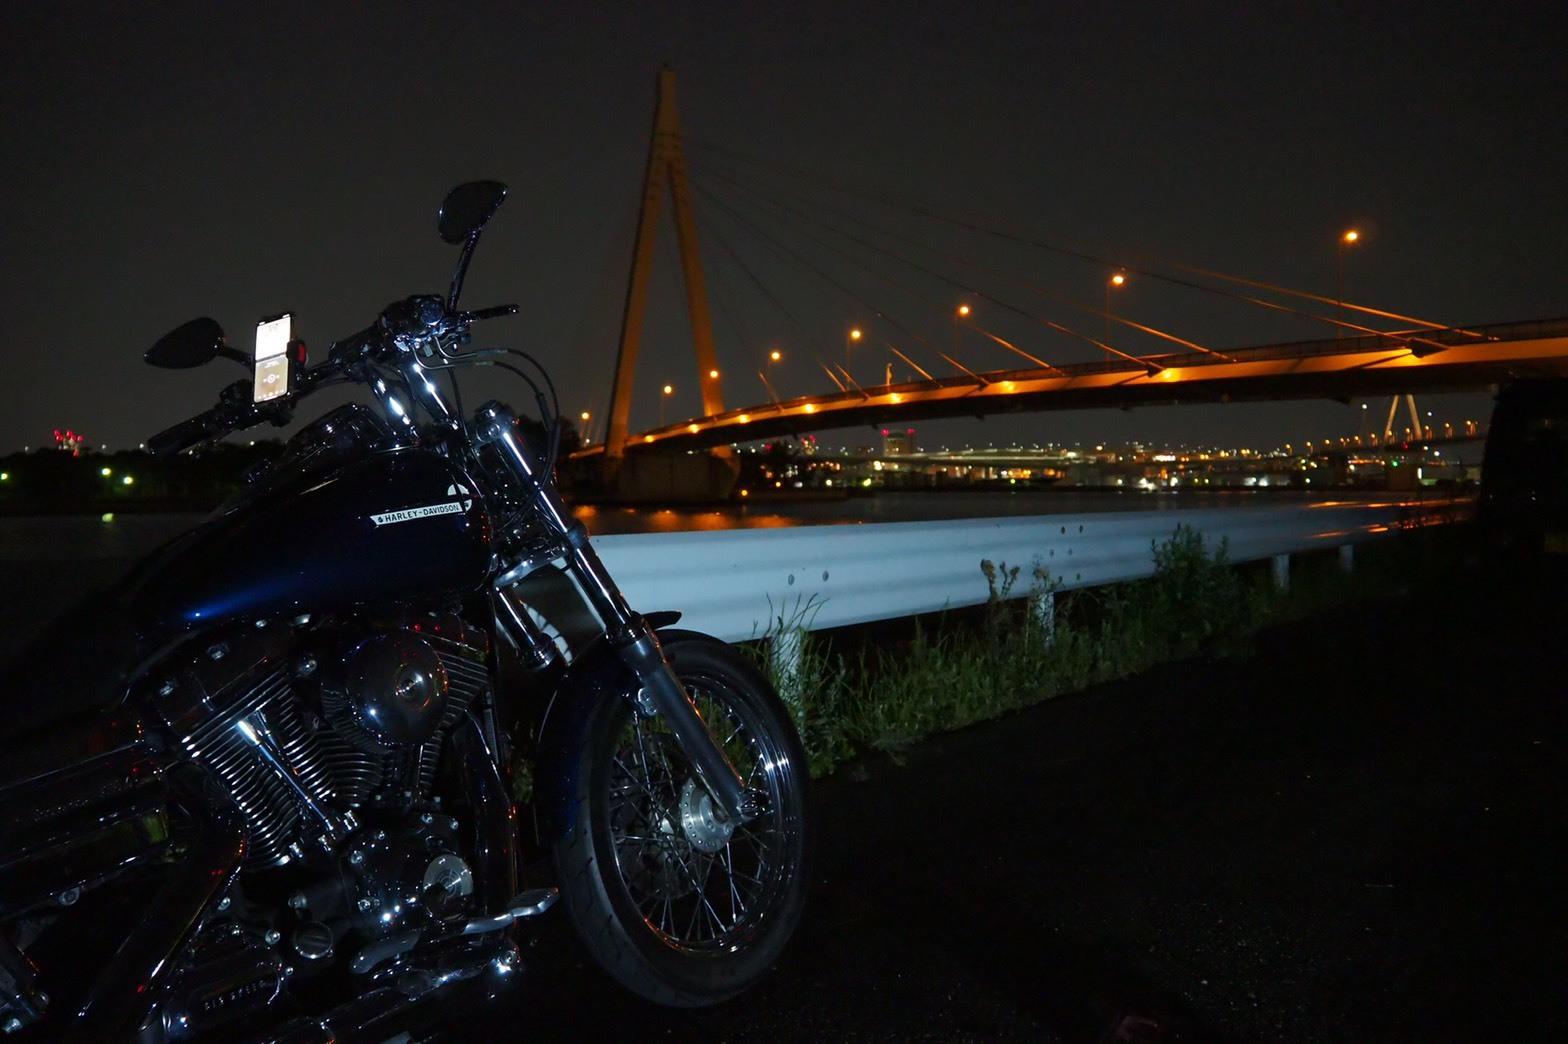 harleydavidson-motorcycle-touring-blog-osaka-port-maishima-citylights.jpg